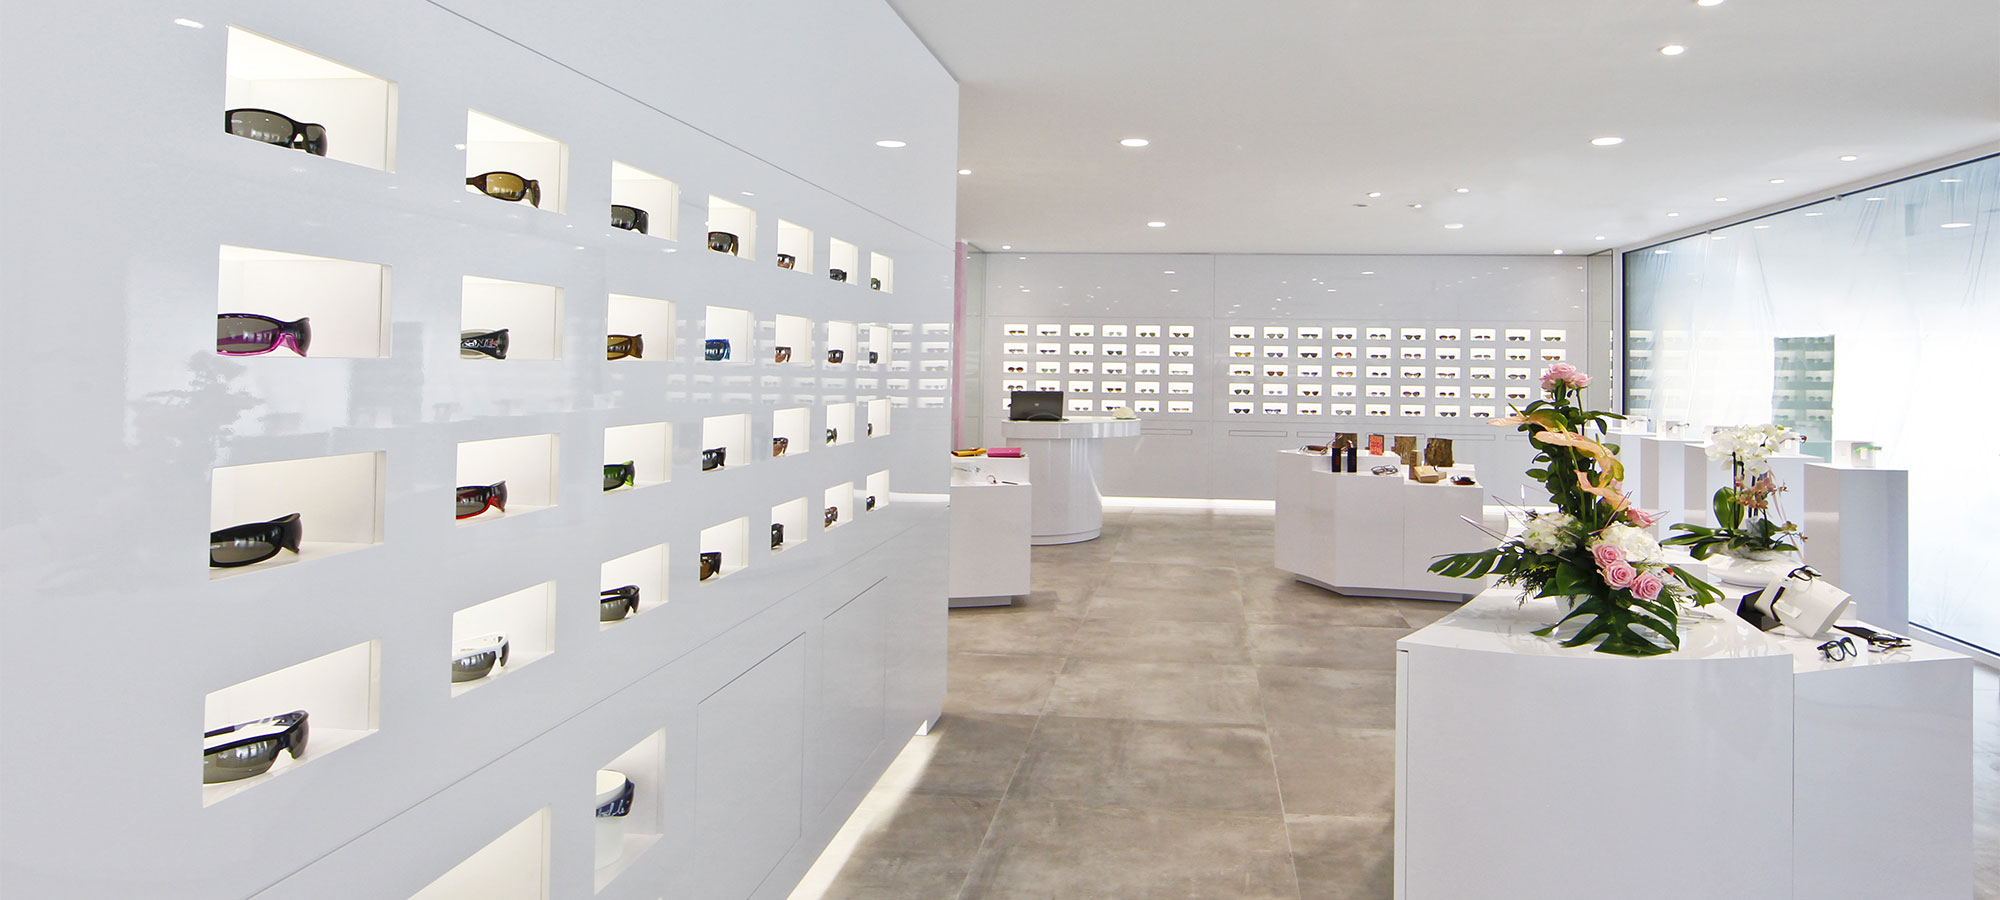 Arredamento negozi ottica edi design arredamenti per ottici for Negozi arredamento bergamo e provincia